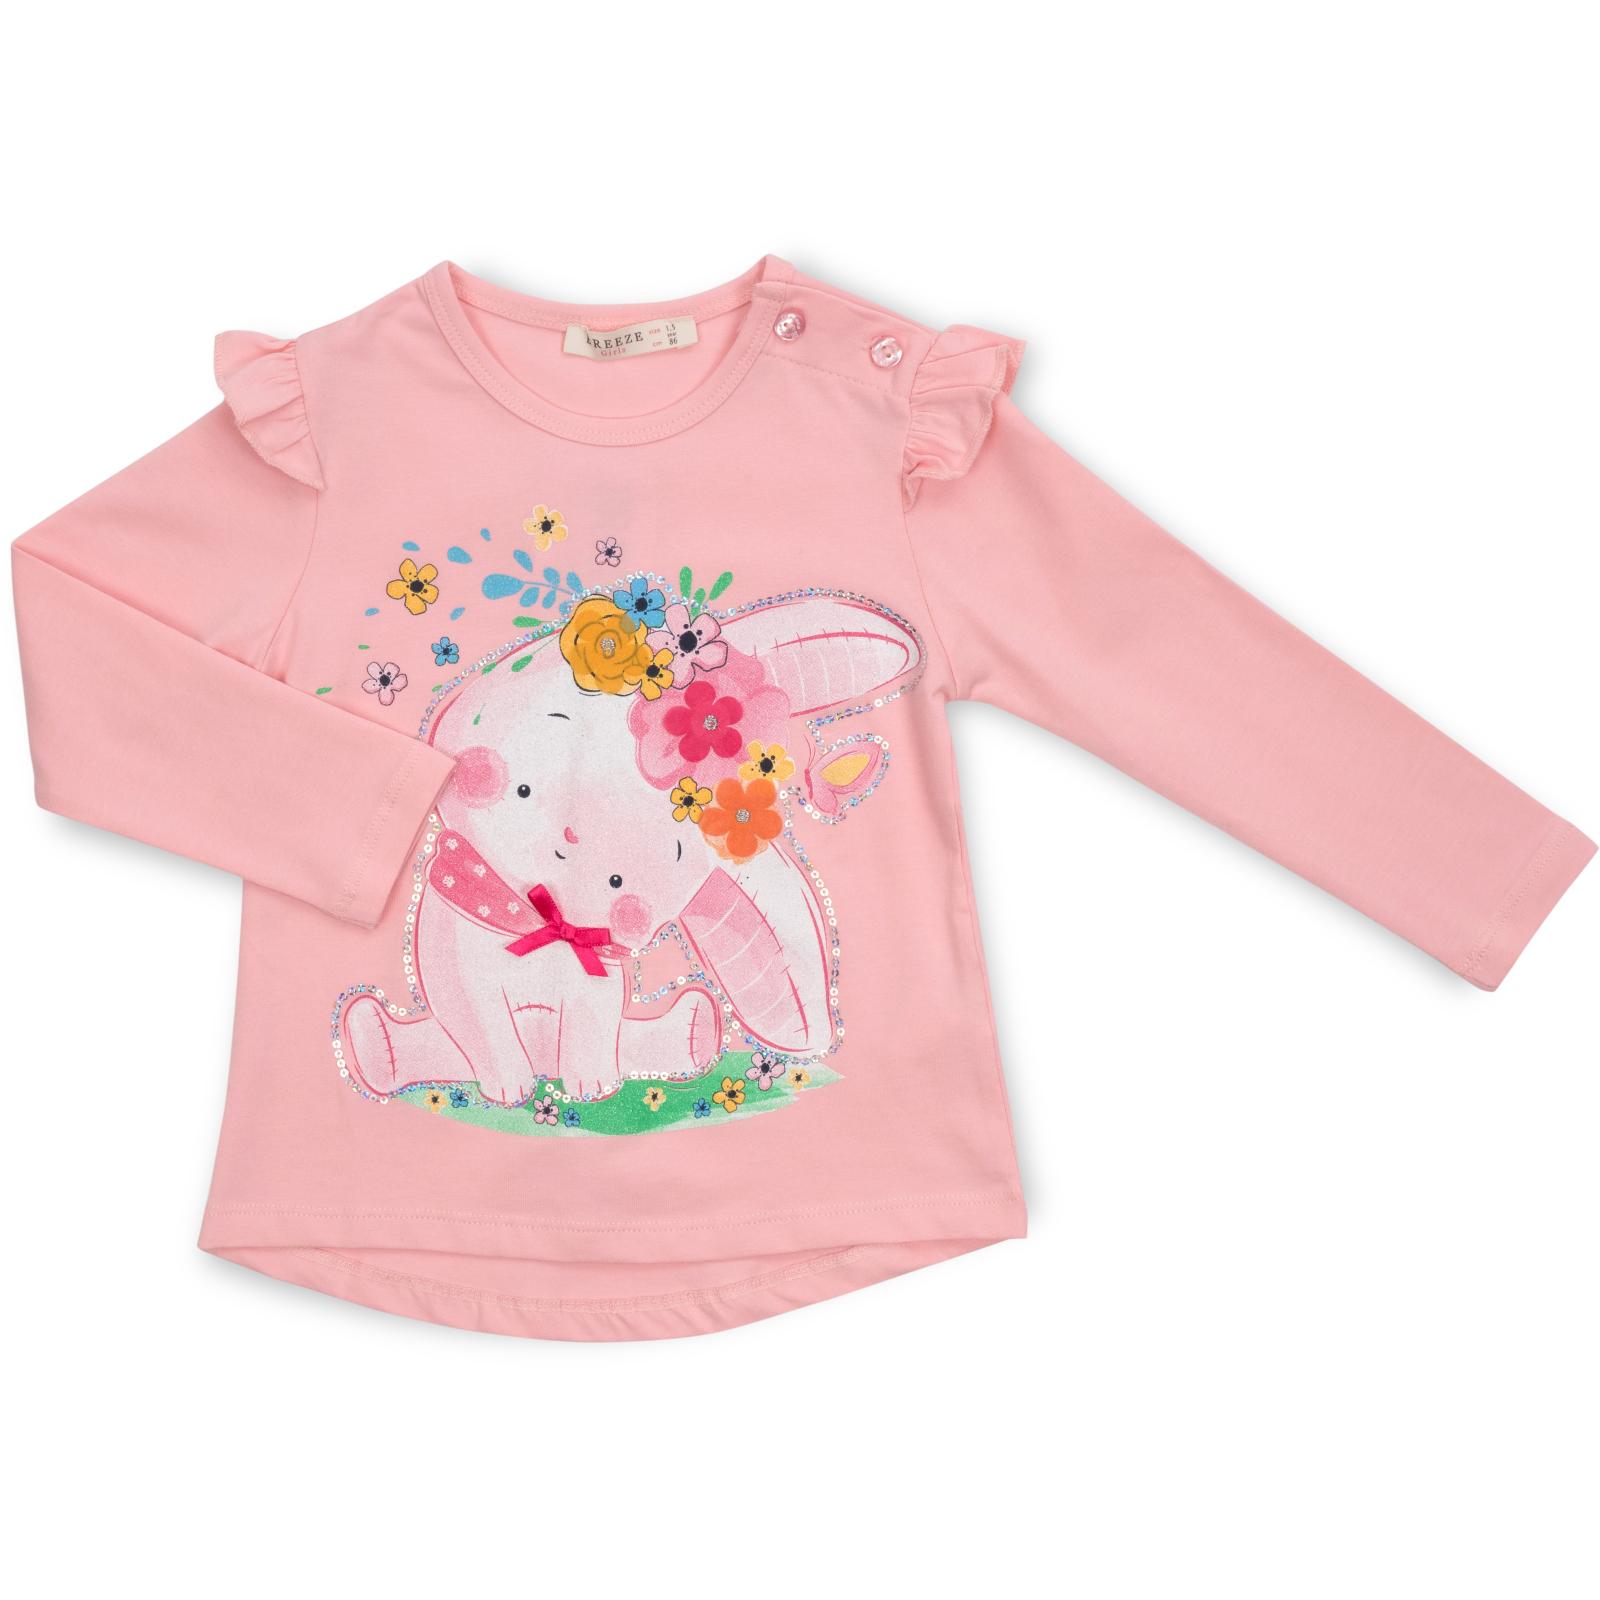 Набор детской одежды Breeze с зайчиком в цветах (13299-92G-pink) изображение 2